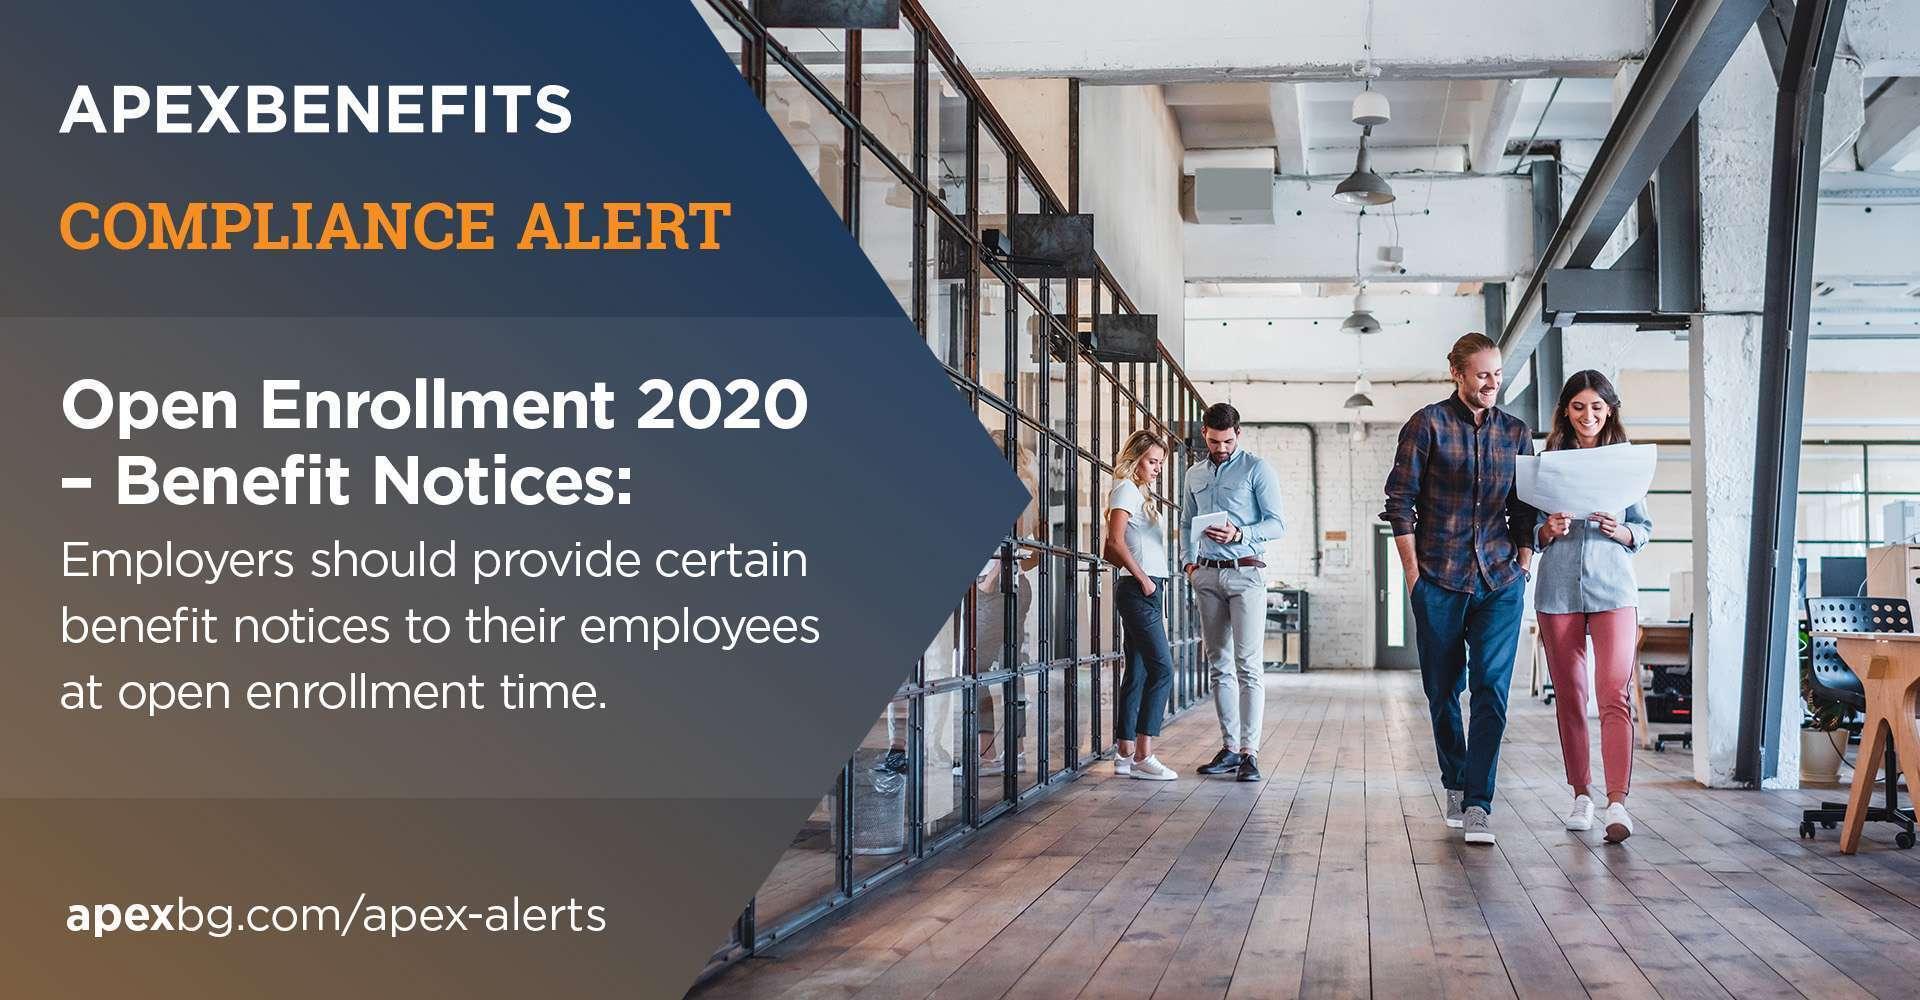 Compliance Alert: Open Enrollment 2020 - Benefit Notices